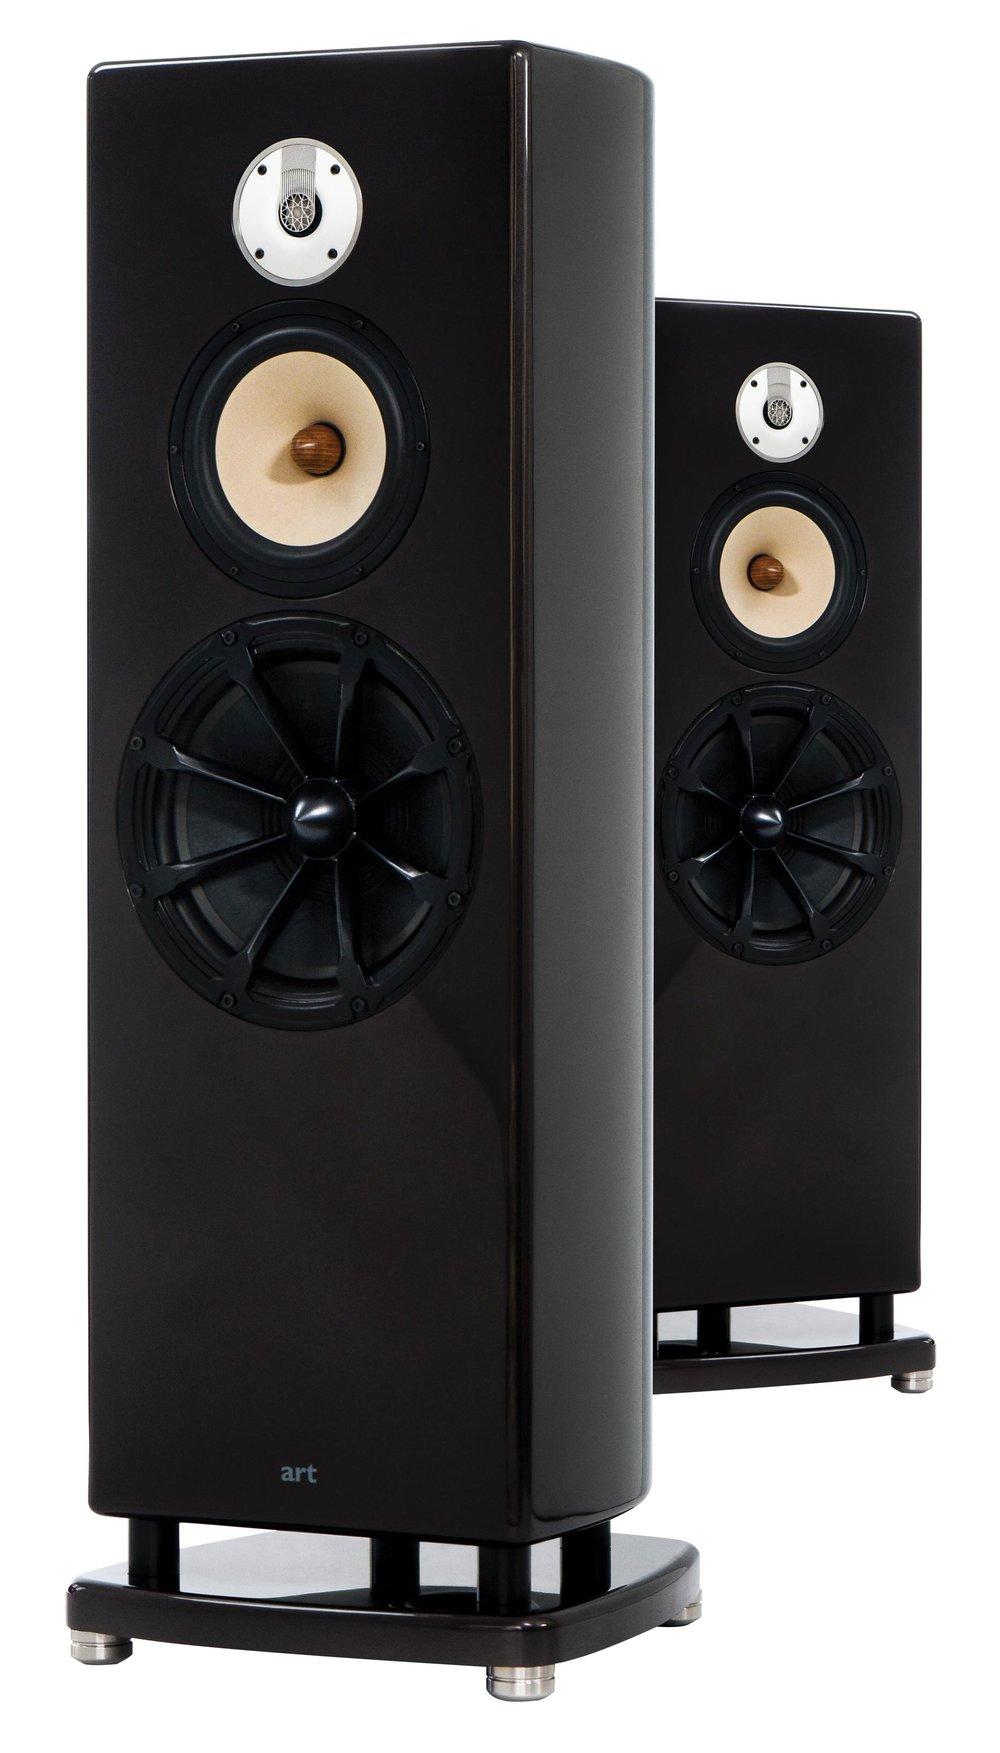 art-dram-12-speaker-pair.jpg